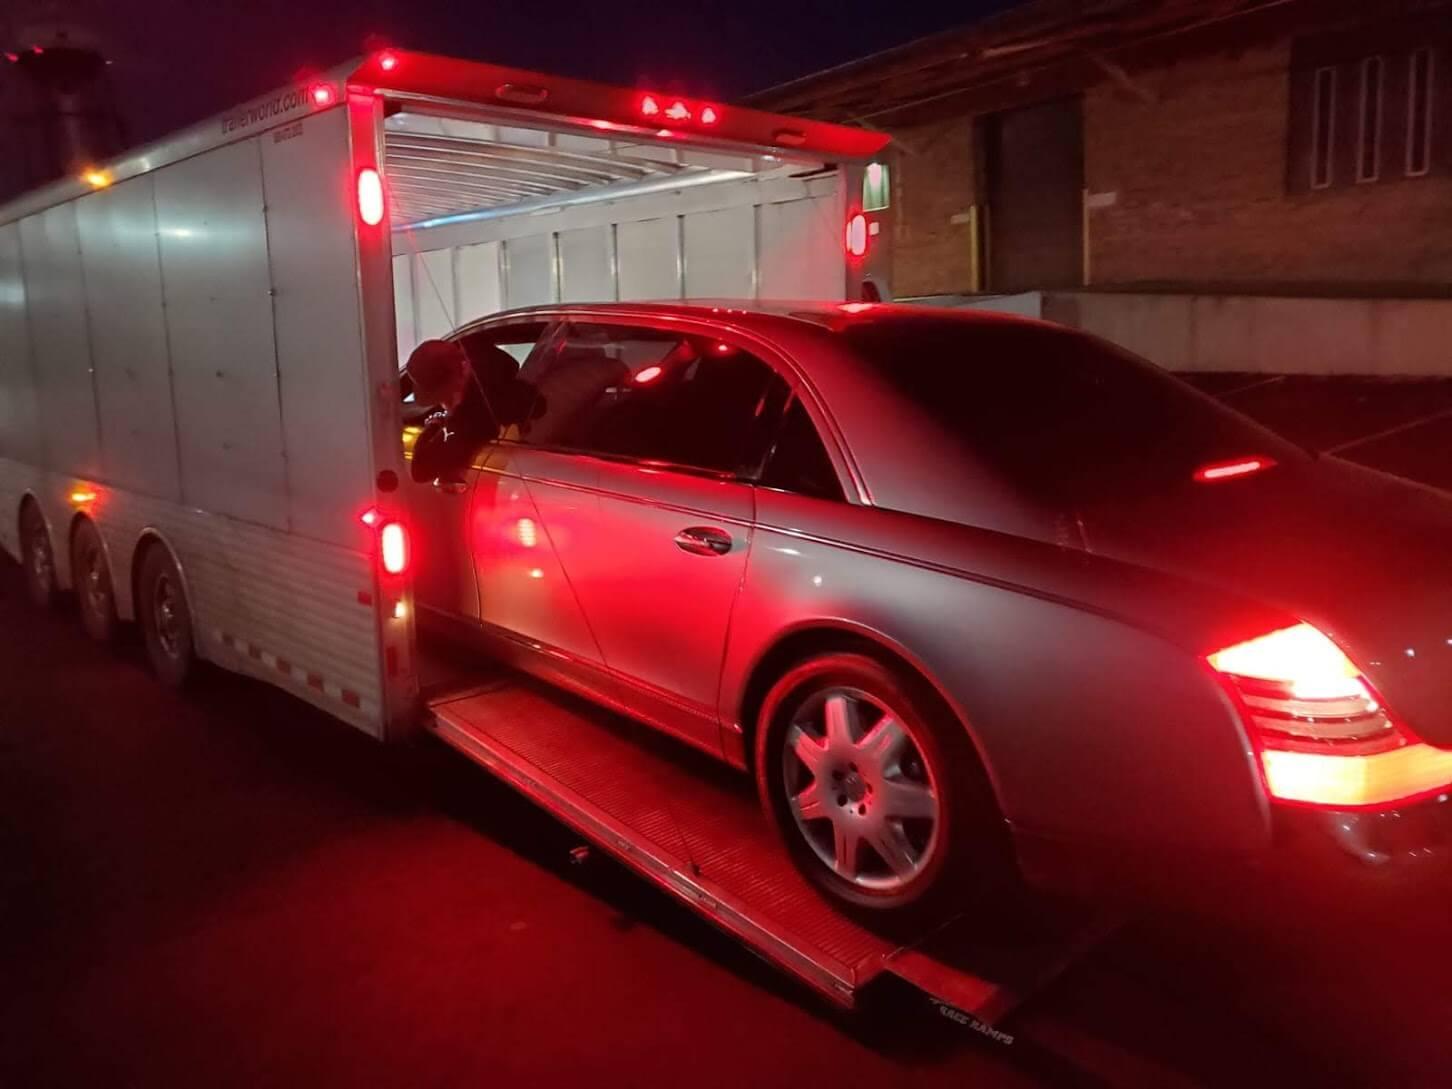 Transporting bulletproof Car